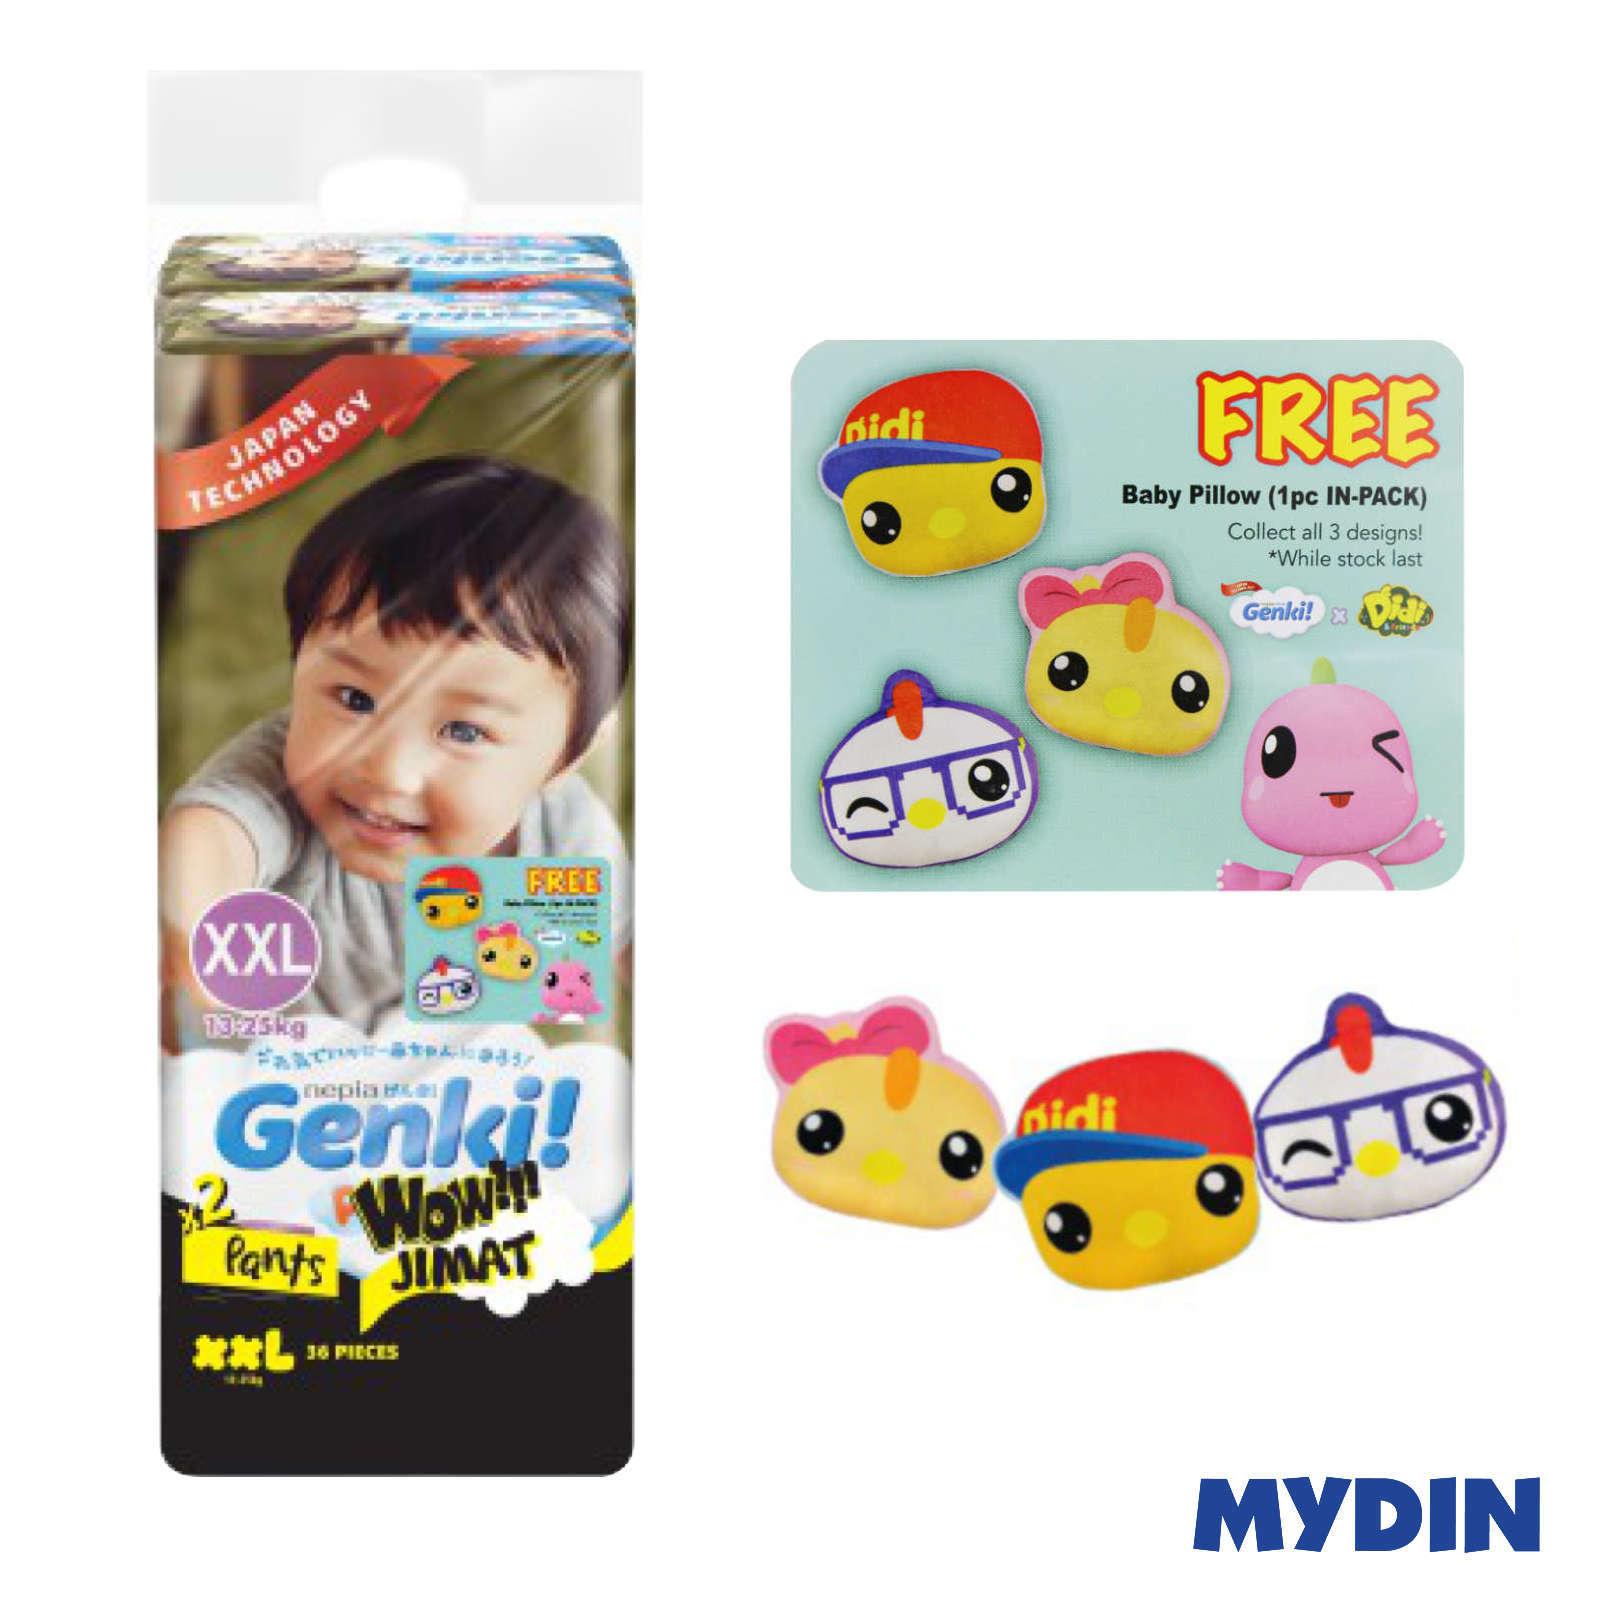 Genki Pants Mega Twinpack XXL (36pcs x 2) FOC Assorted Didi & Friends Baby Pillow (While Stock Last)